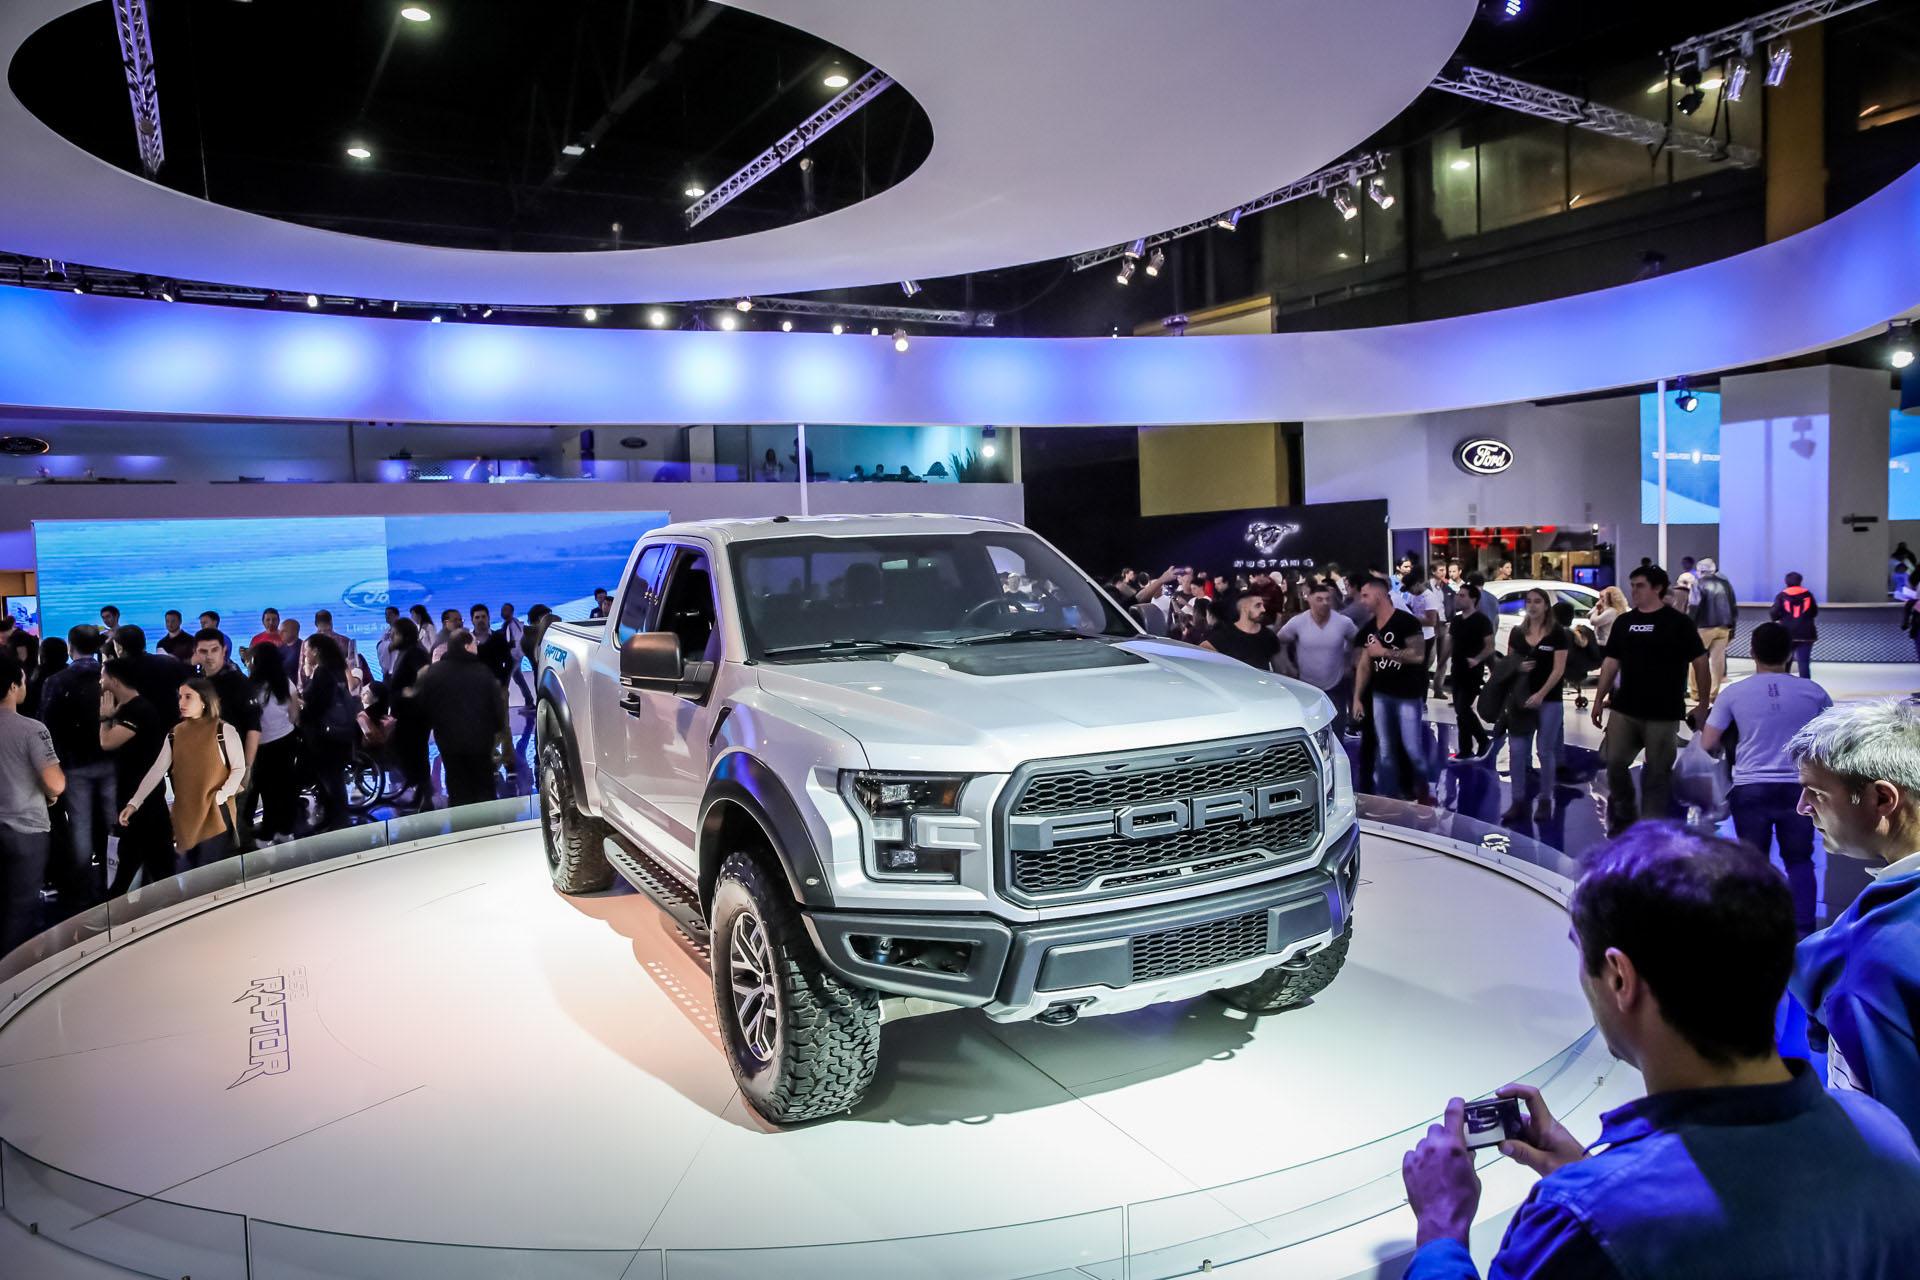 La F150 Raptor fue otra de las atracciones de Ford en el Salón del Automóvil